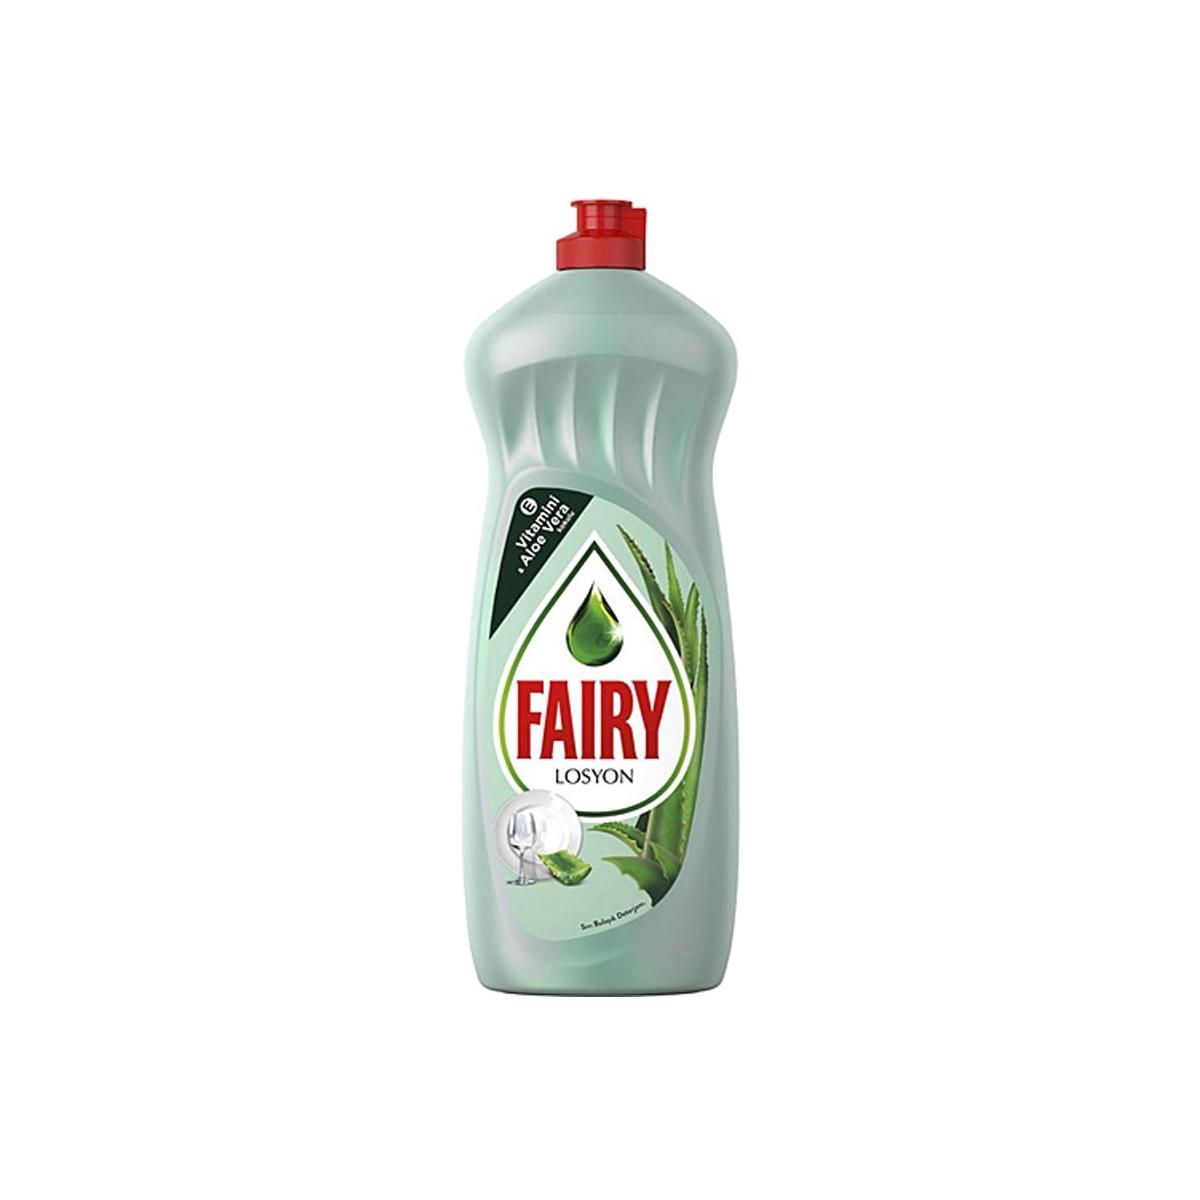 Fairy Sıvı Bulaşık Deterjanı Losyon 750 ml 20'li Koli resmi